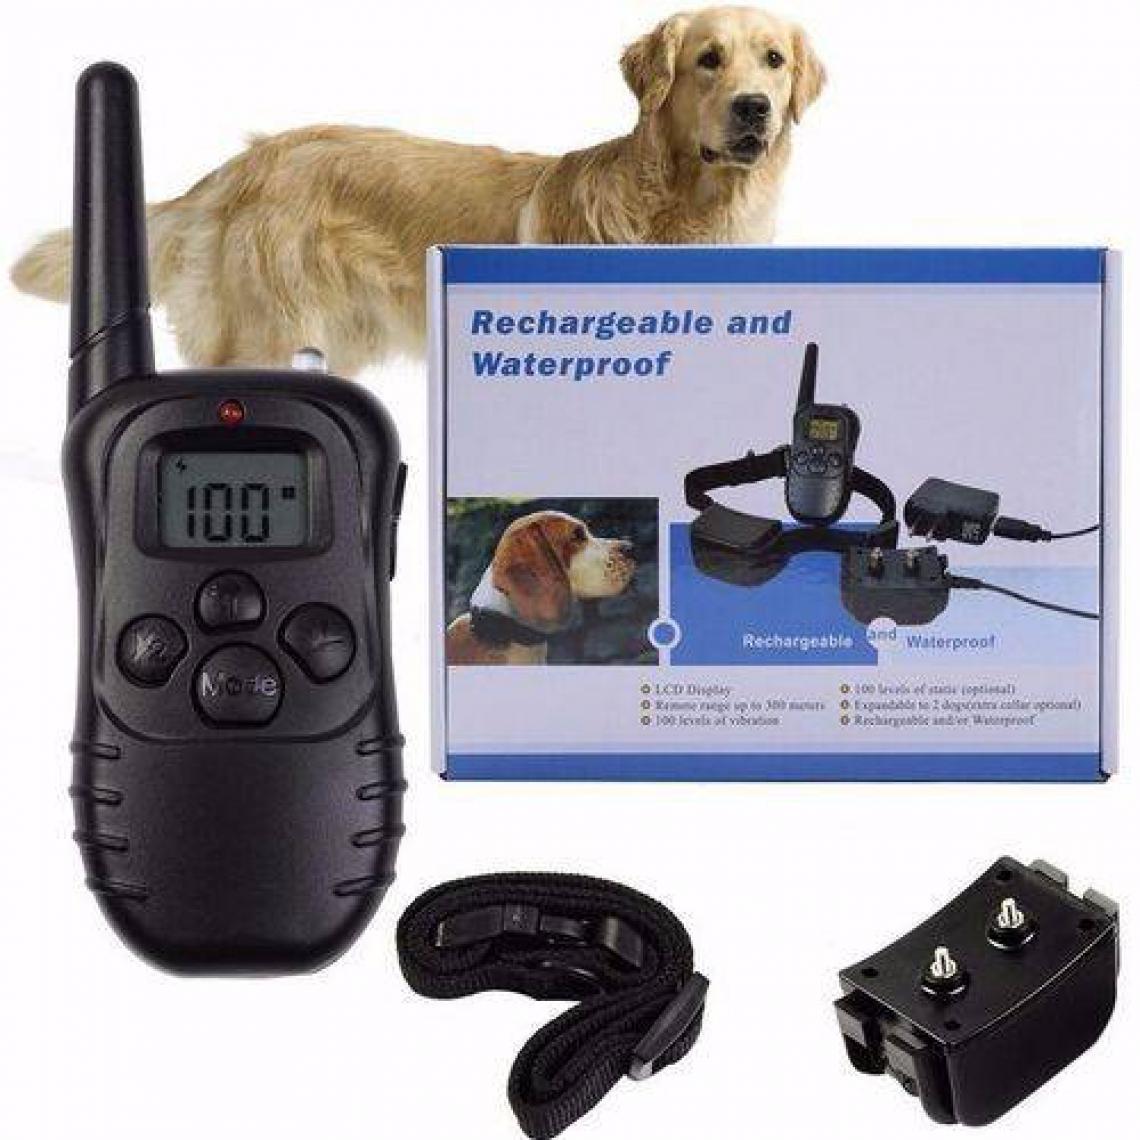 Coleiras são usadas para adestramento e dão descargas elétricas quando animais latem